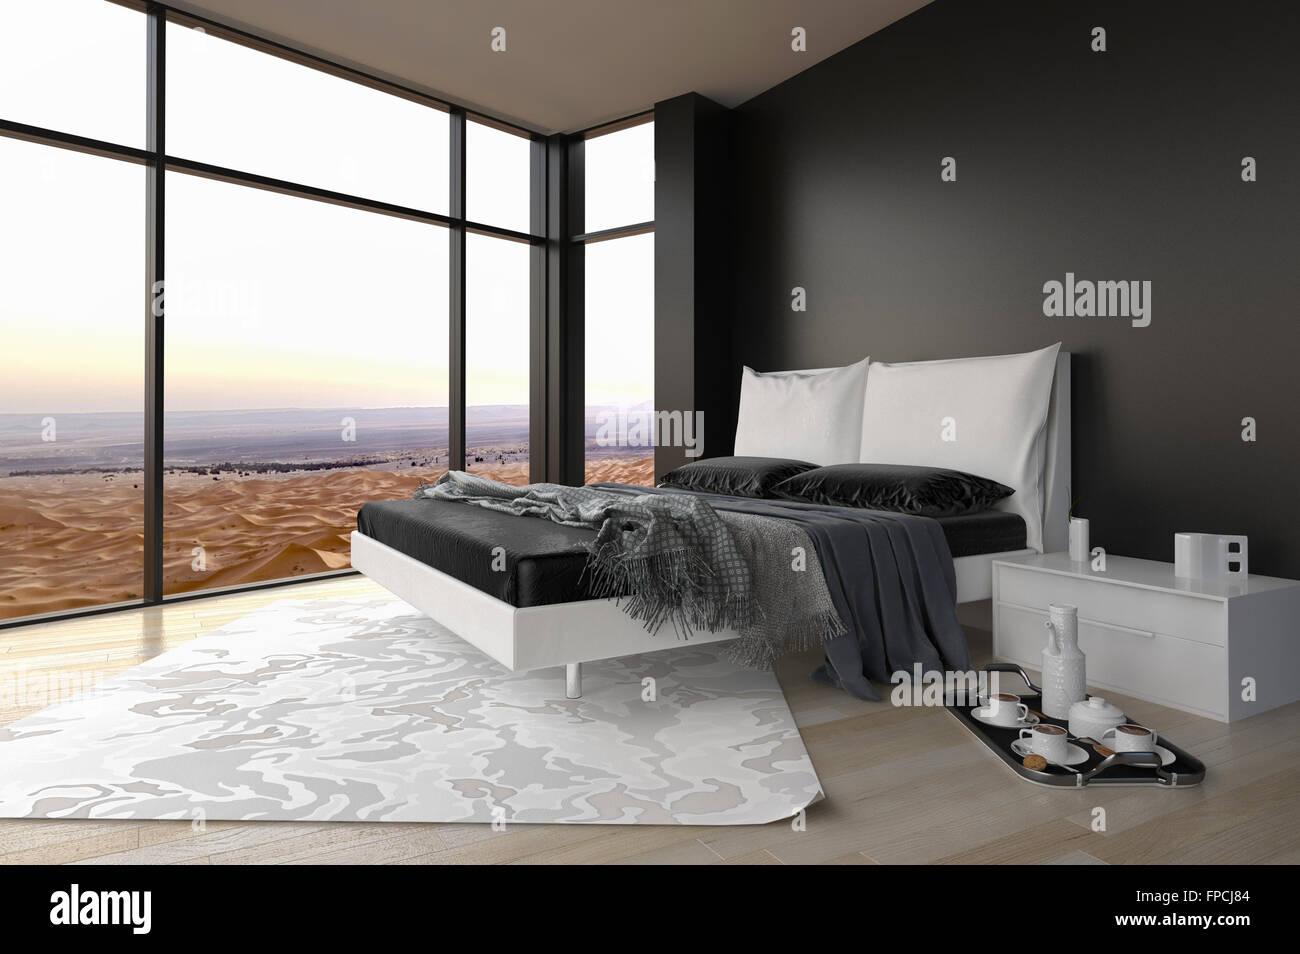 Welcher Fußboden Im Schlafzimmer ~ Fußboden schlafzimmer fußboden schlafzimmer unser mökki in finnland